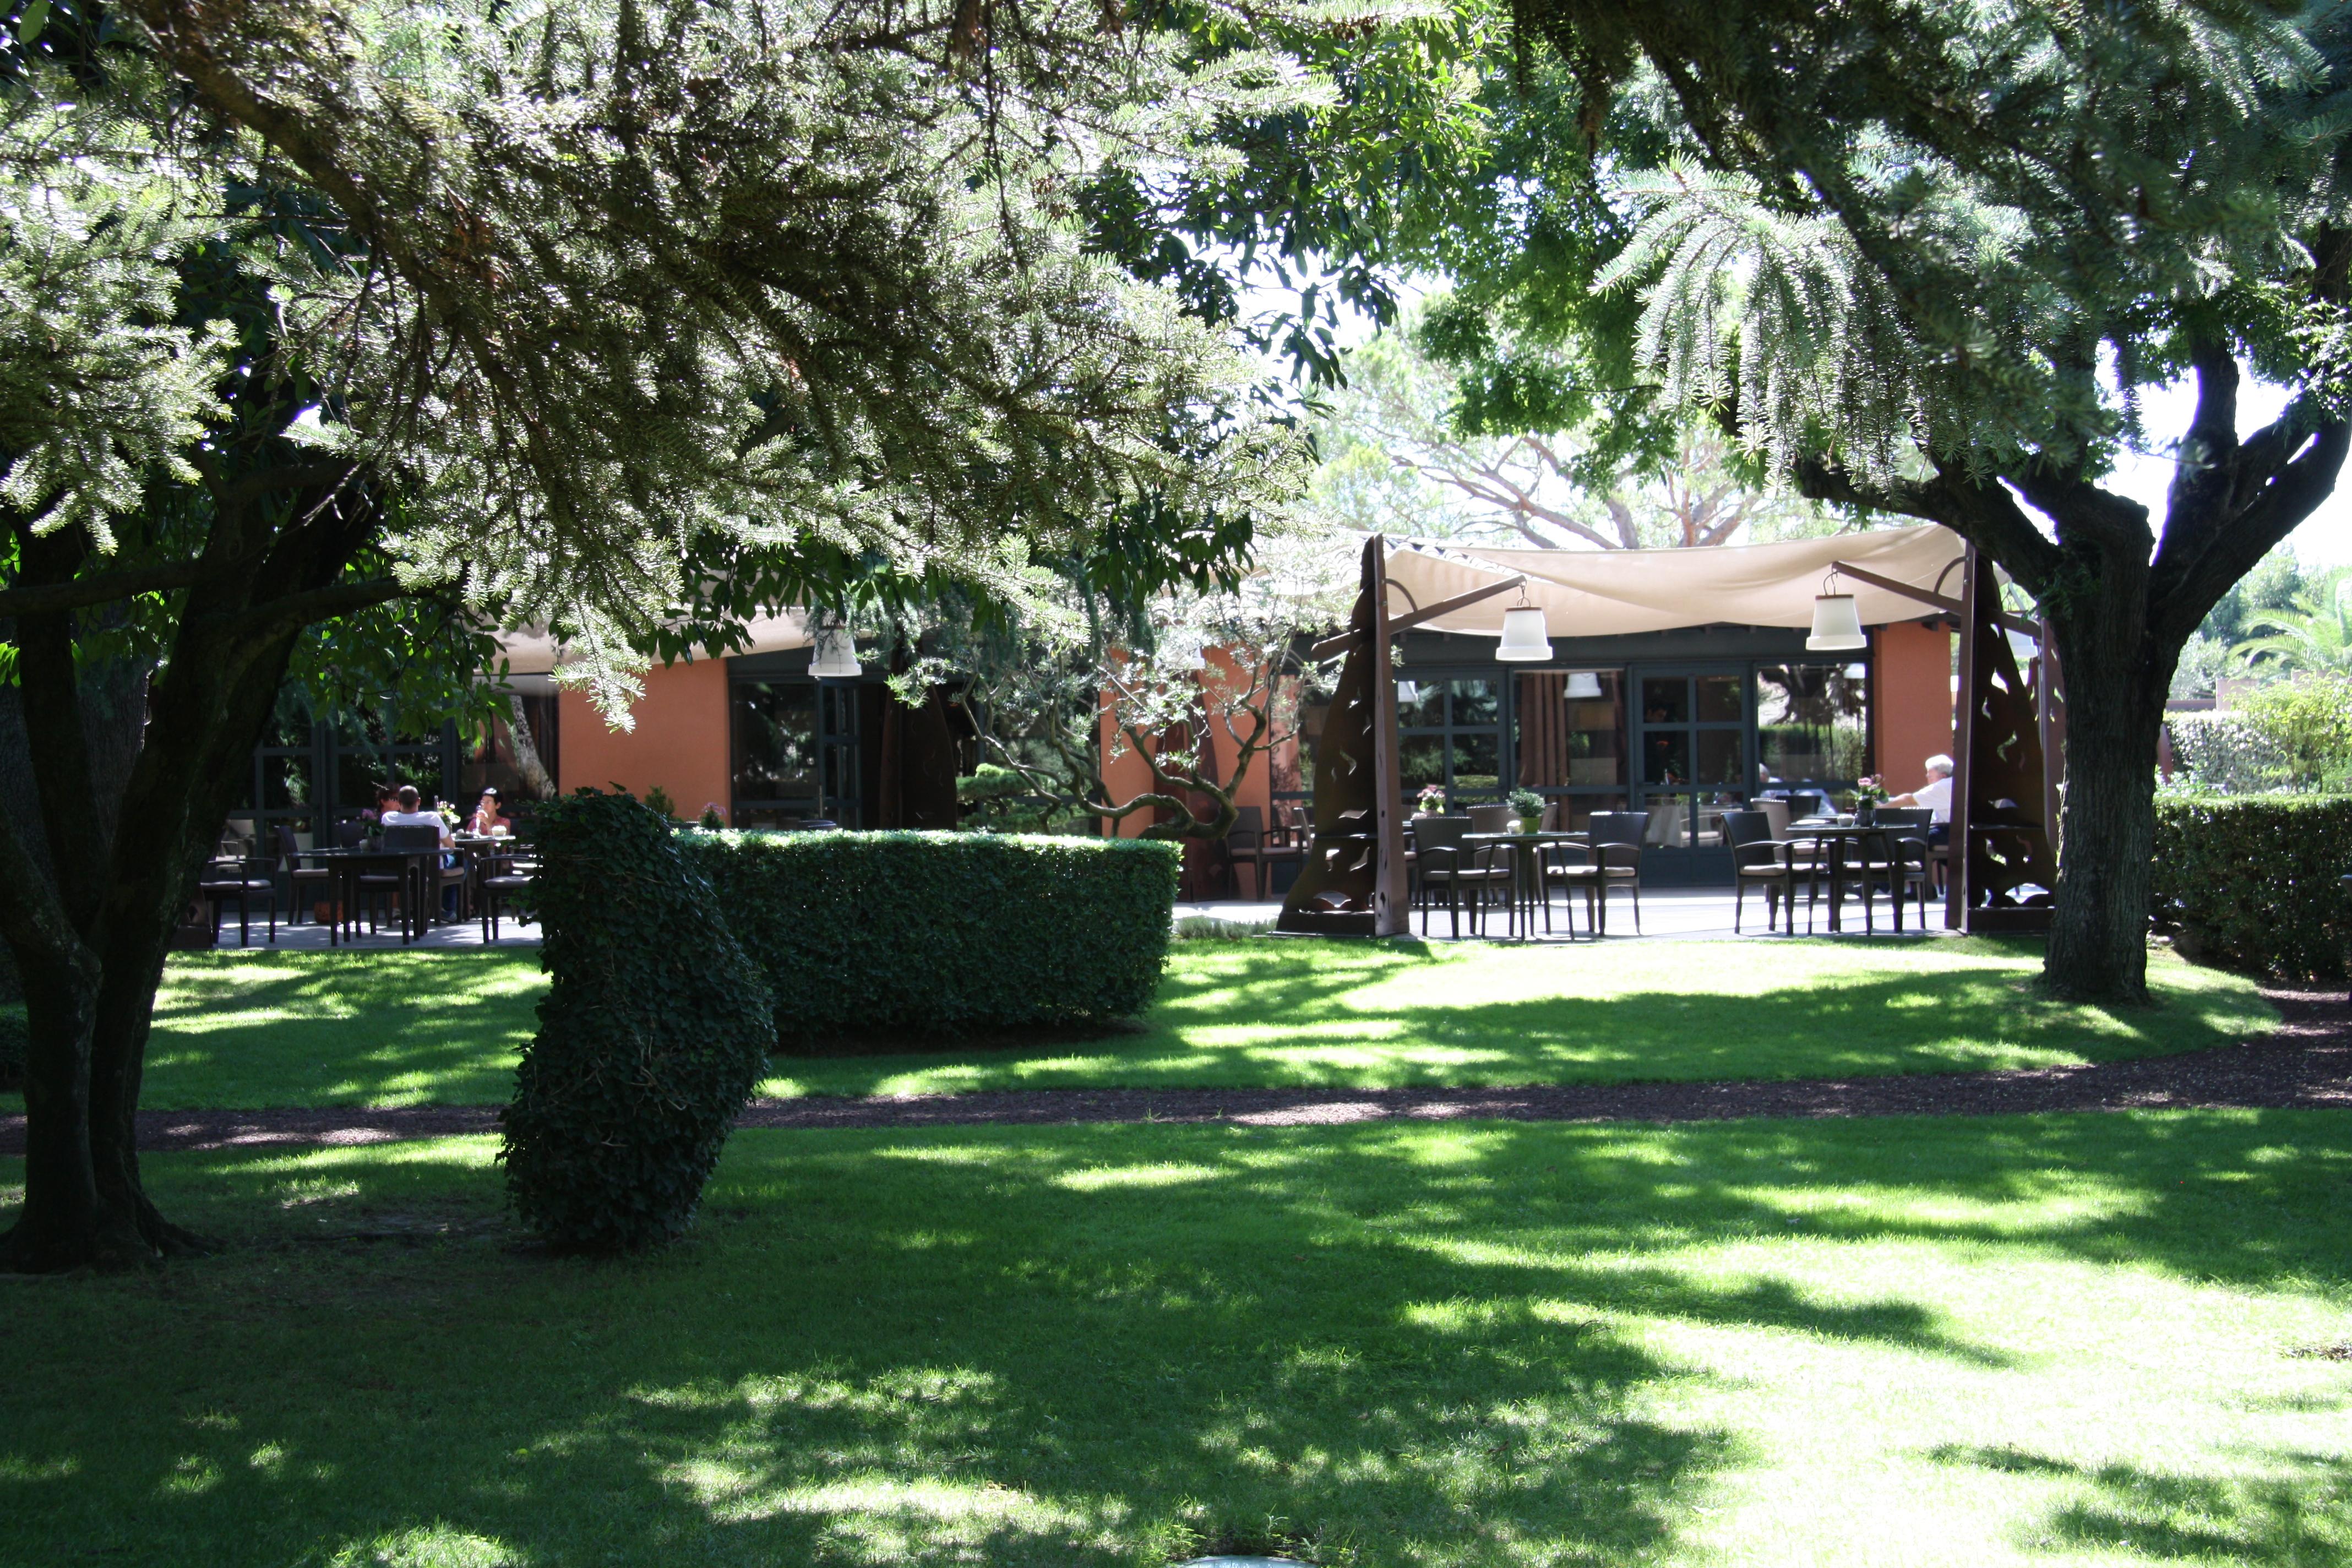 Restaurant alexandre garons journal d 39 une naturopathe - Maison jardin menu nimes ...